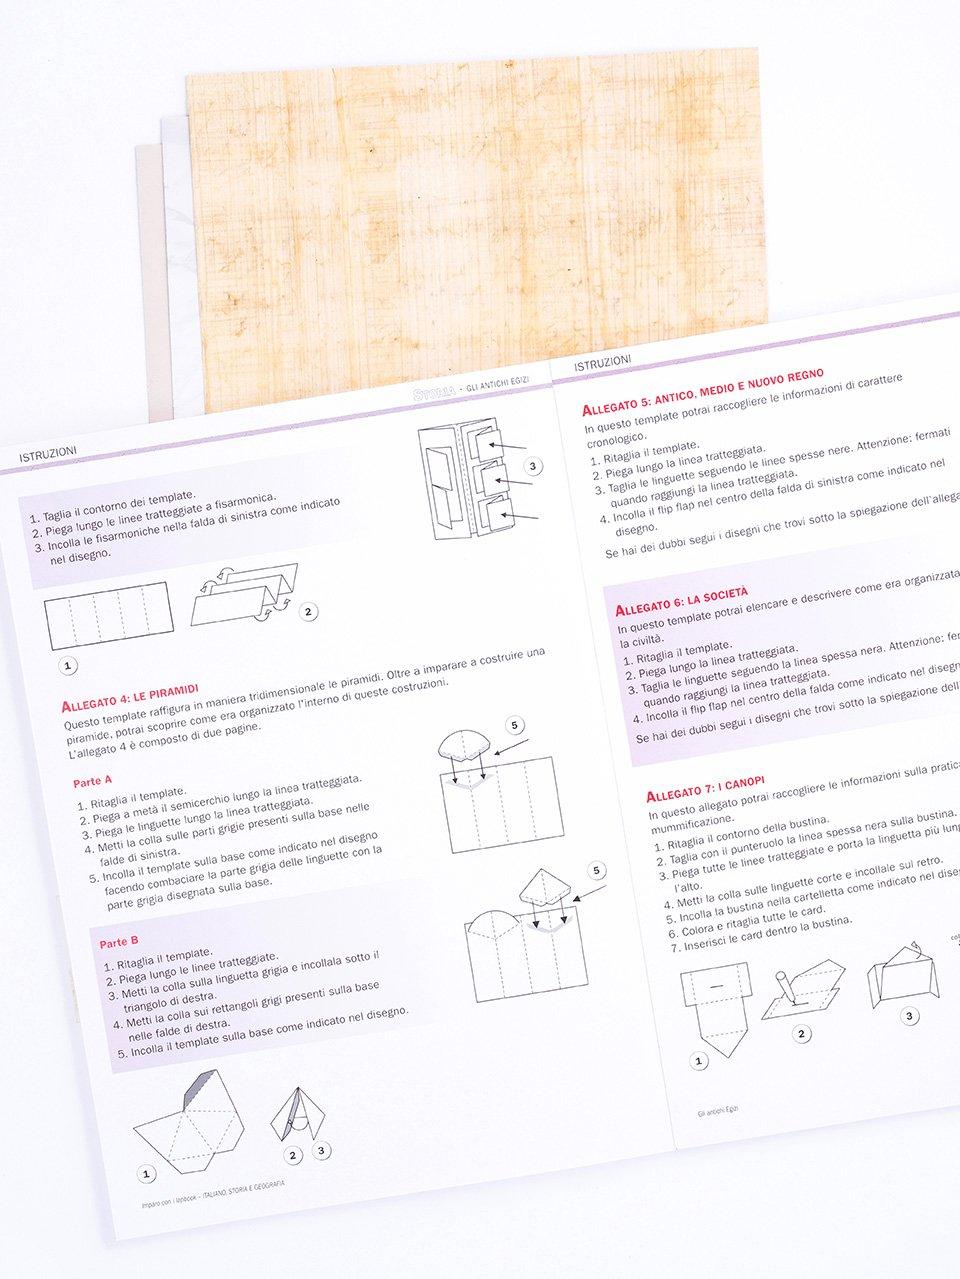 Imparo con i lapbook - Italiano, storia e geografi - Libri - Erickson 2